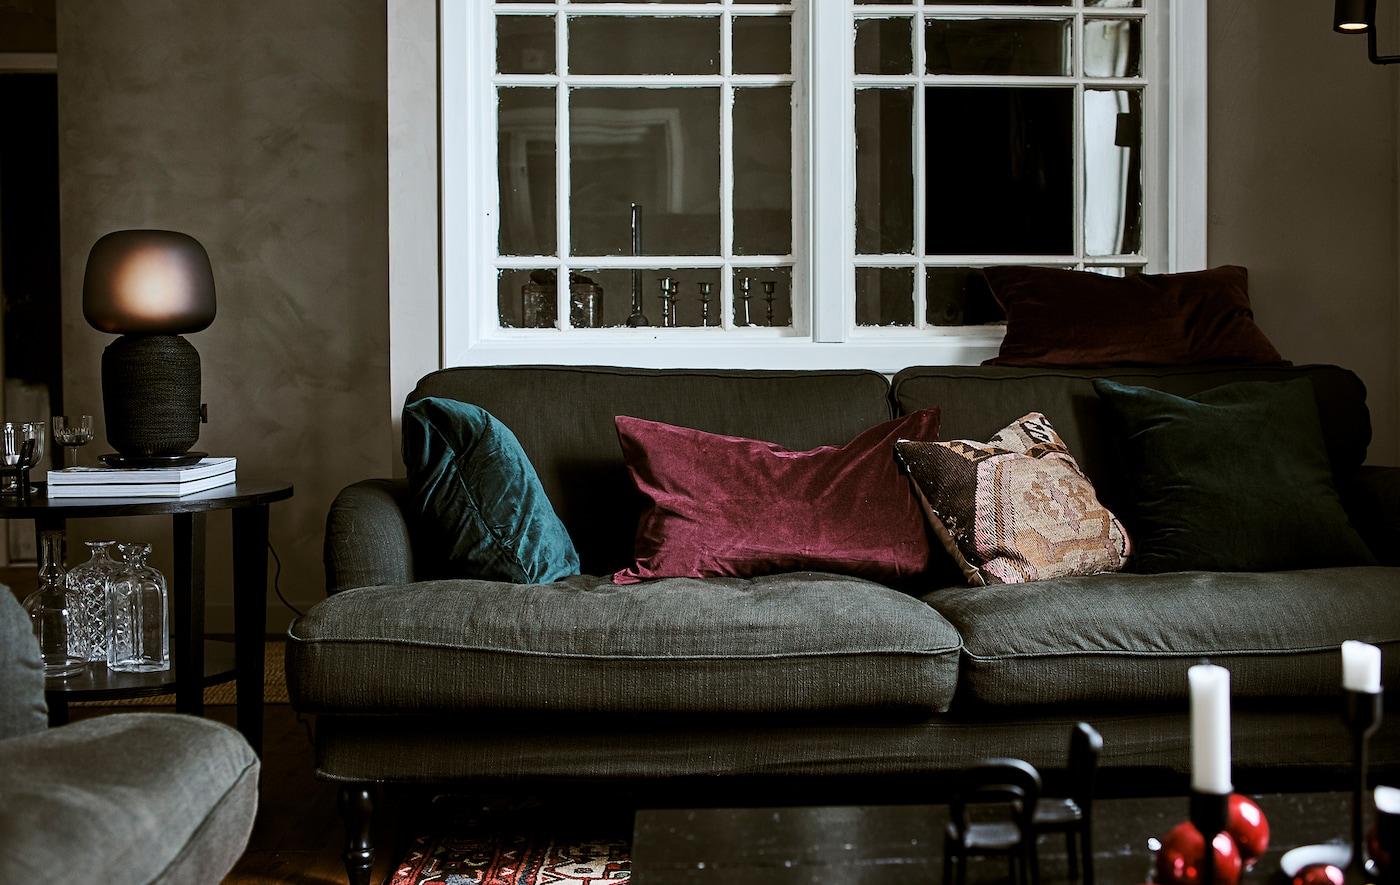 Grønn sofa med puter i grønn og rød fløyel i ei stue med et indre vindu, bord med bordlampe og et persisk teppe.